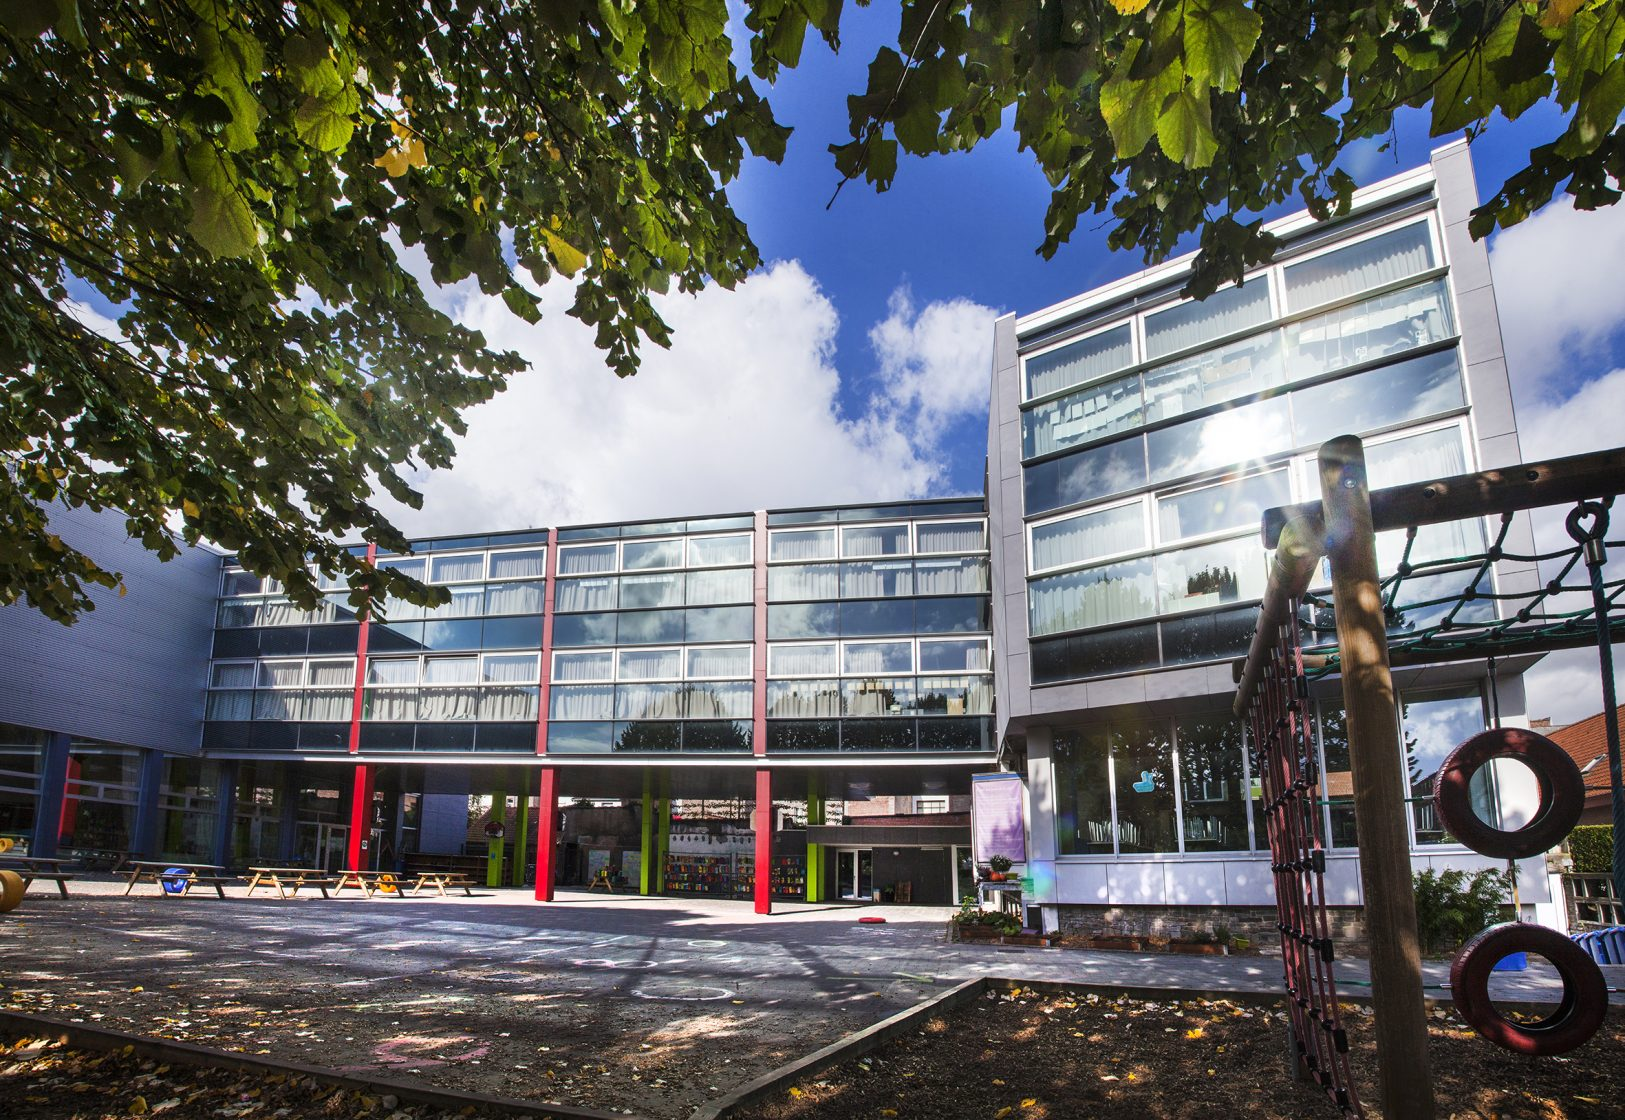 Basisschool De Kleine Prins - Menen - architectuur